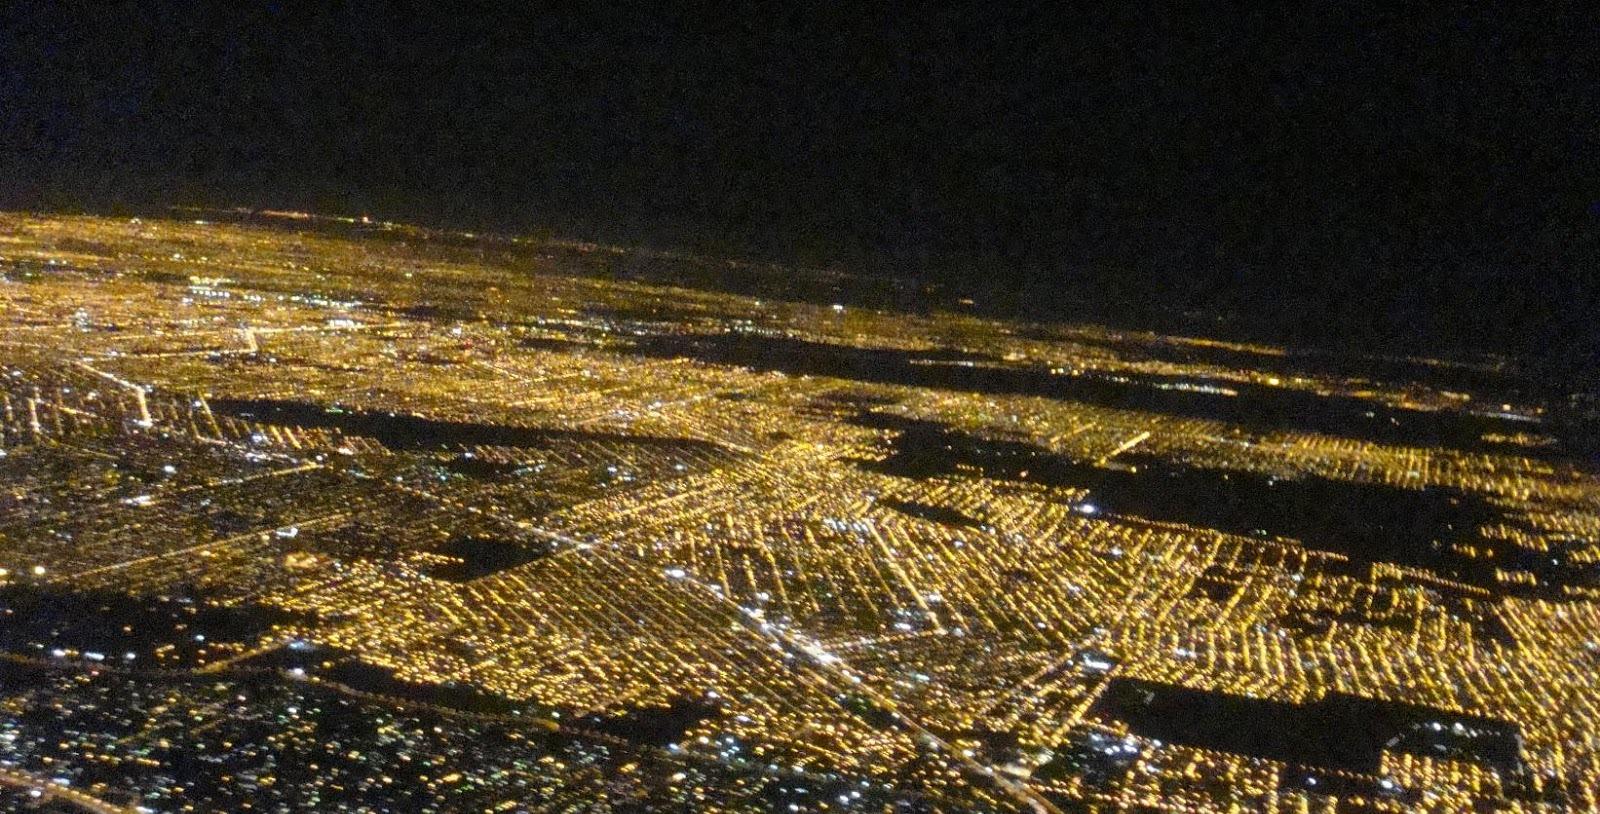 Fotos aéreas nocturnas de Buenos Aires